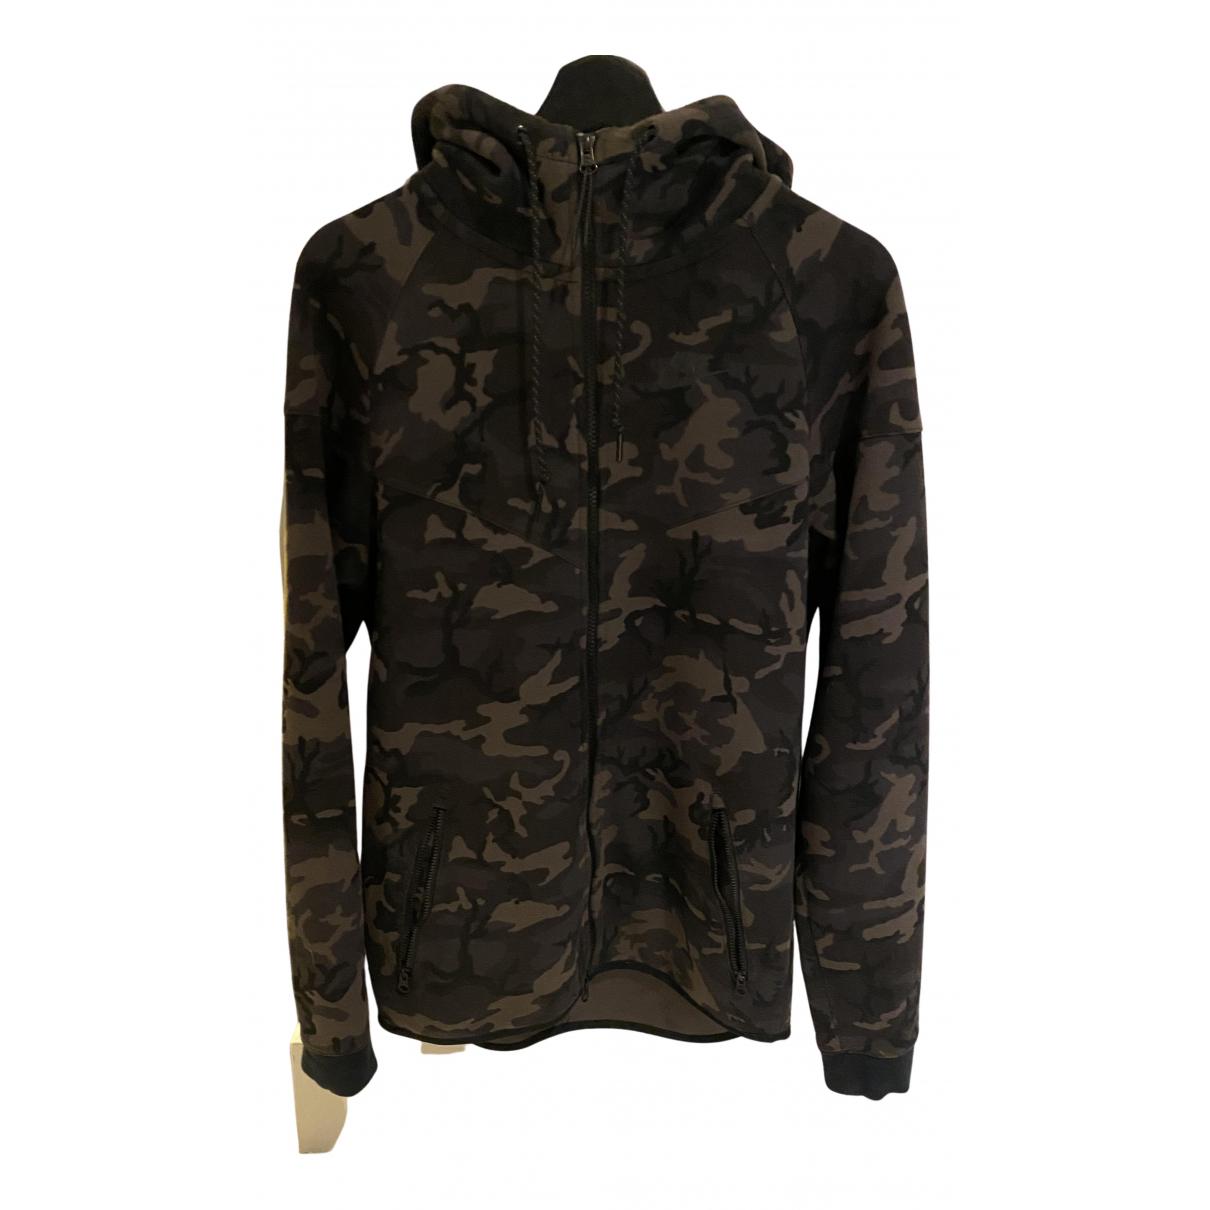 Nike N Grey Cotton Knitwear & Sweatshirts for Men S International